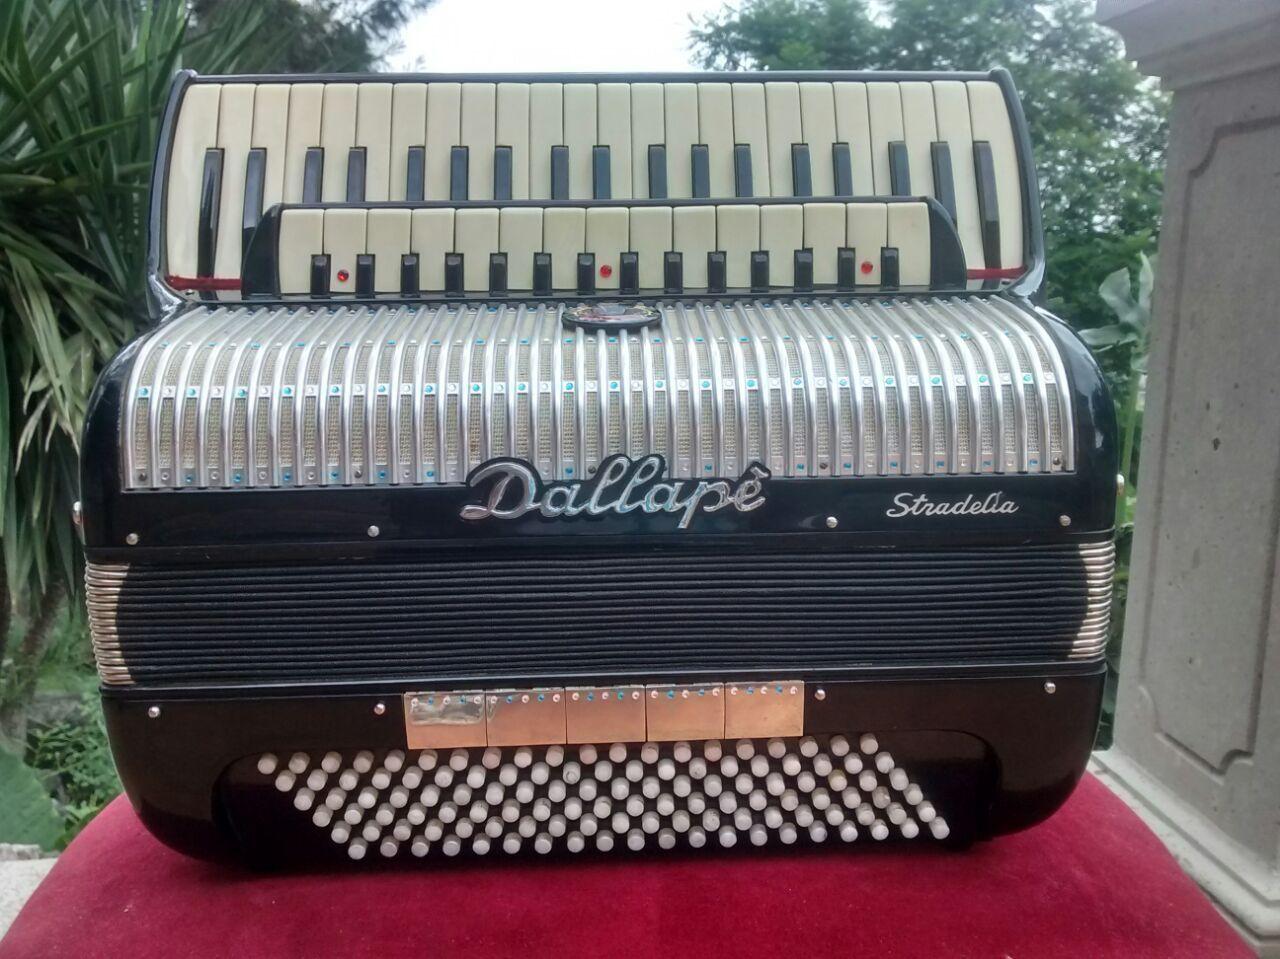 Dallape Stradella Italy 1960s Accordion Musical